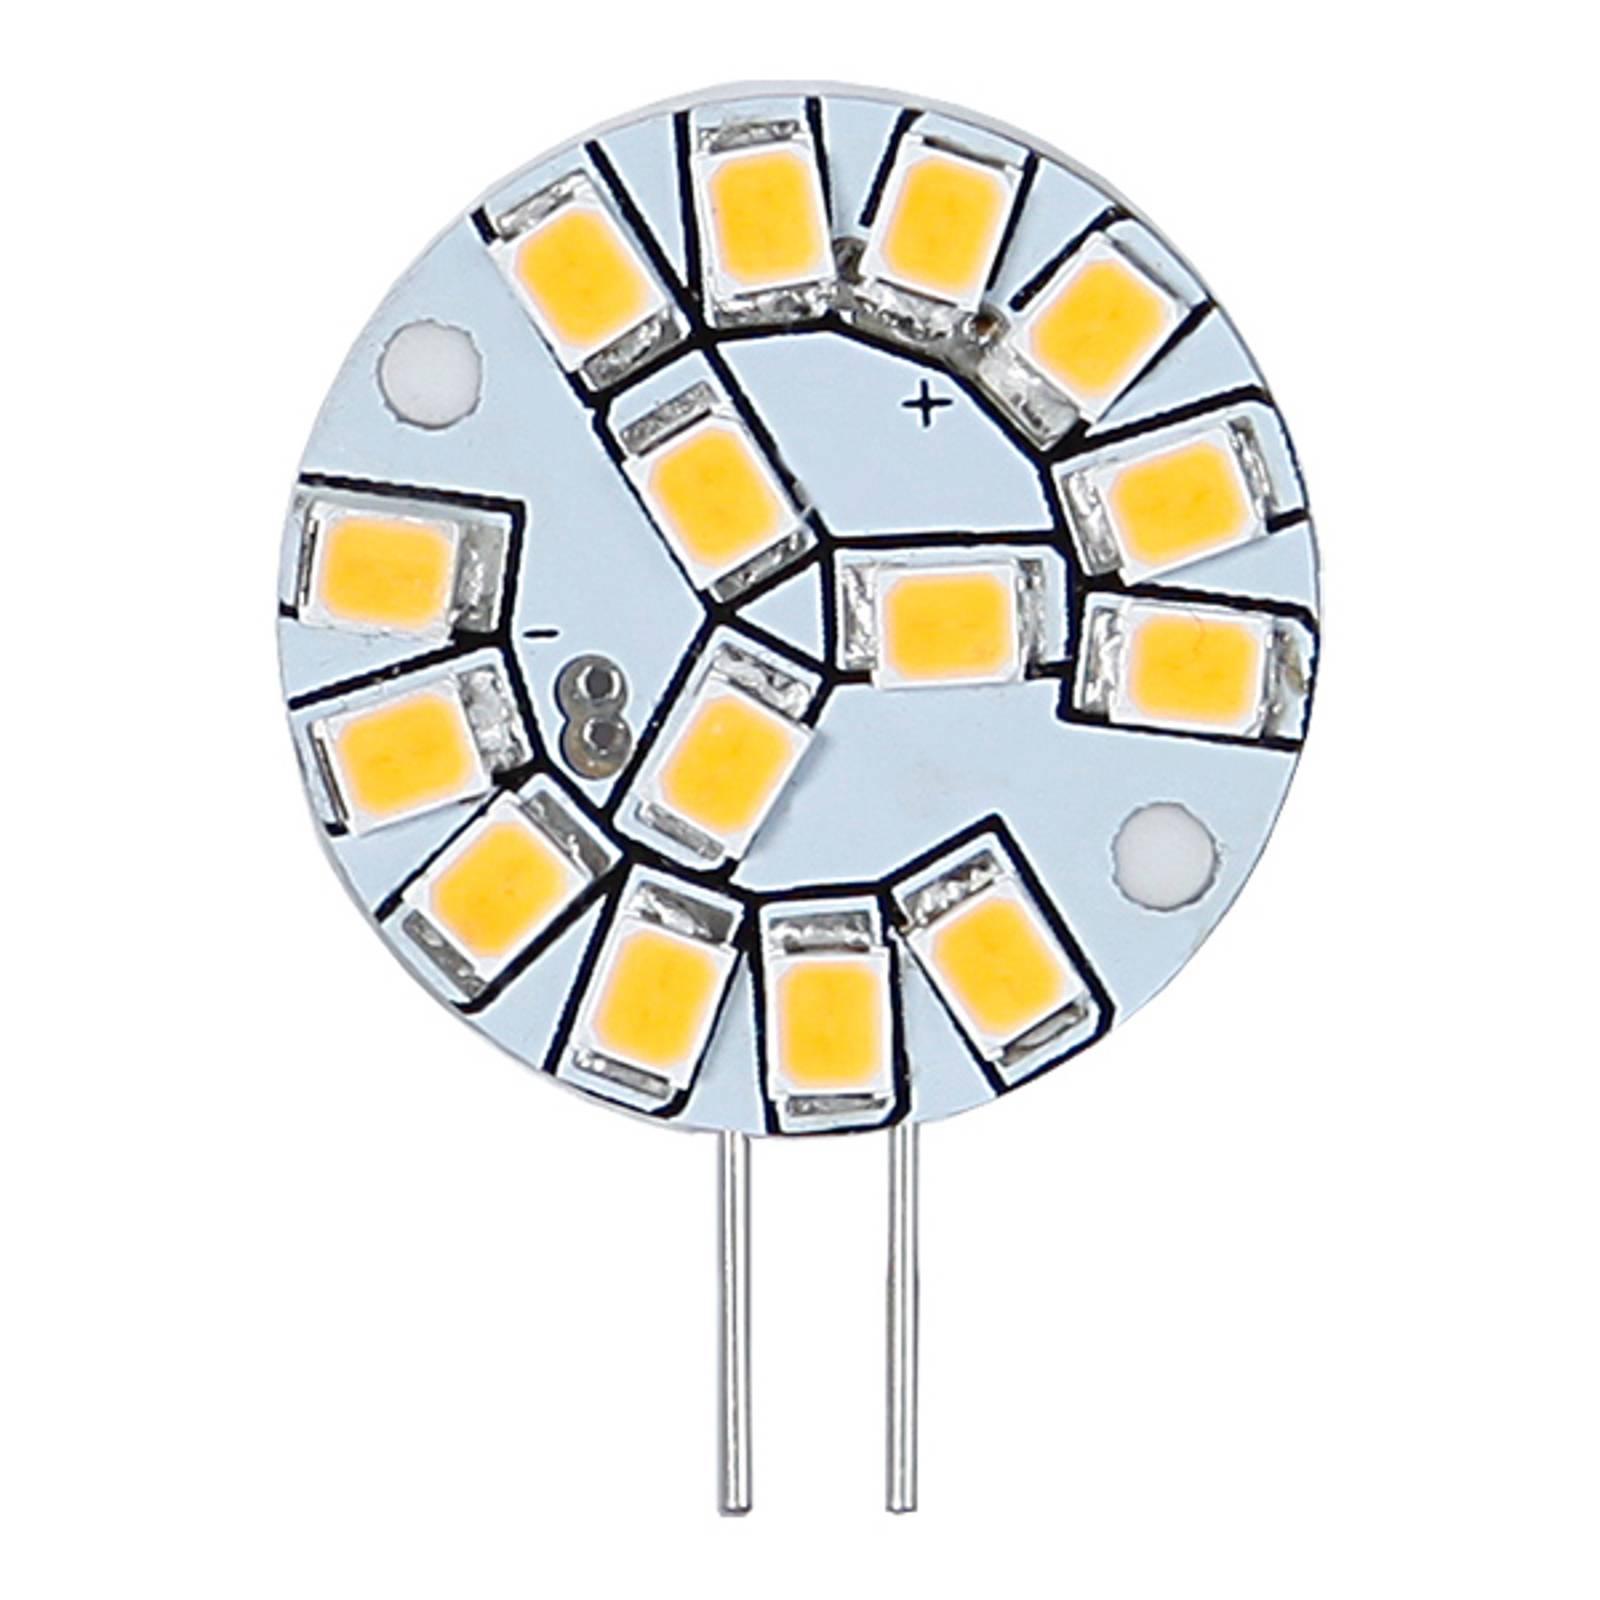 G4 12V 2 W 827 kaksikantainen LED-lamppu